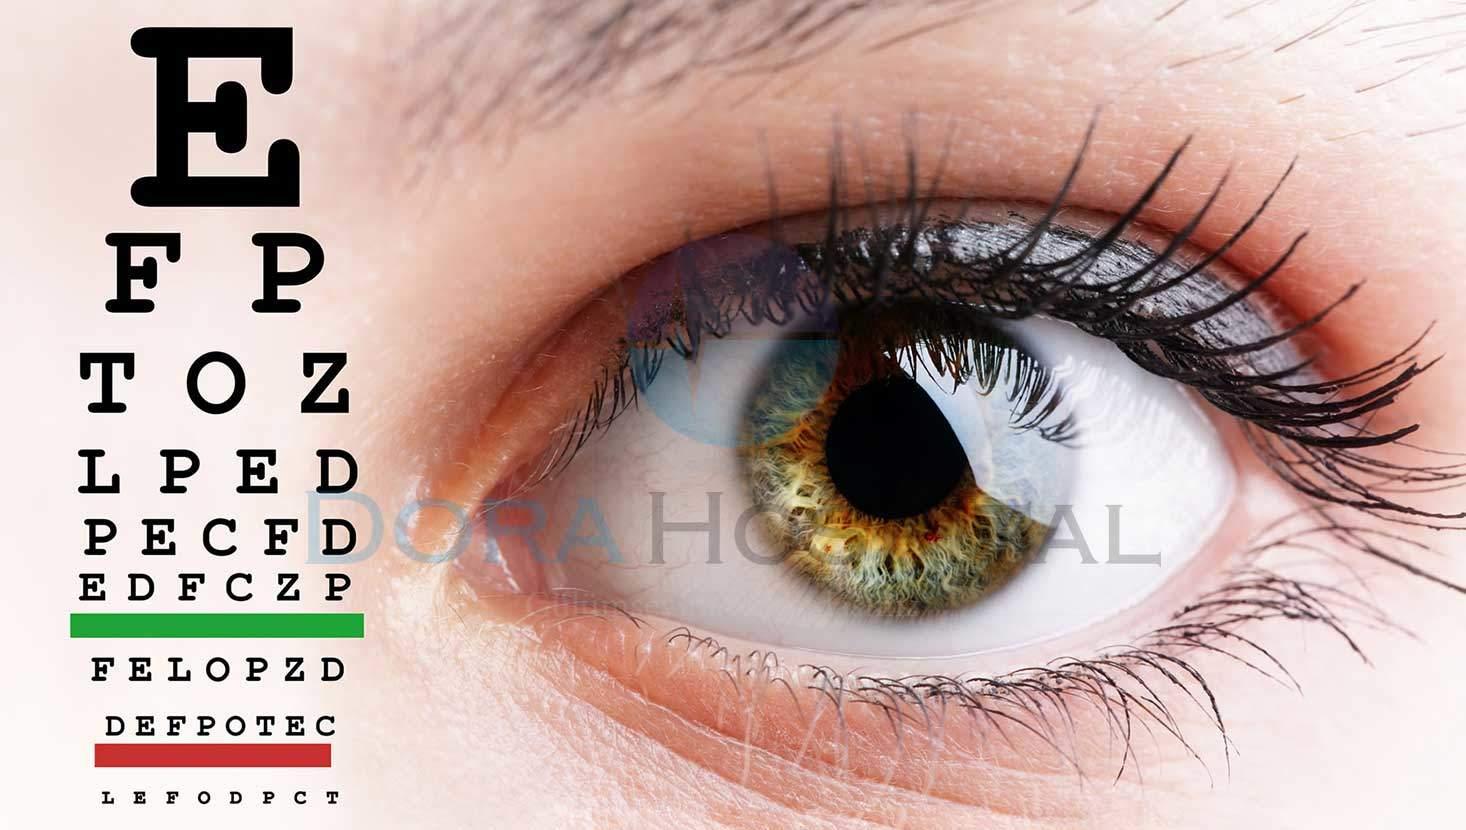 Dora Hospital Göz Sağlığı Rehberi ile Göz Hastalıkları hakkında bilgi sahibi olabilirsiniz. Göz Sağlığı Rehberi 2019